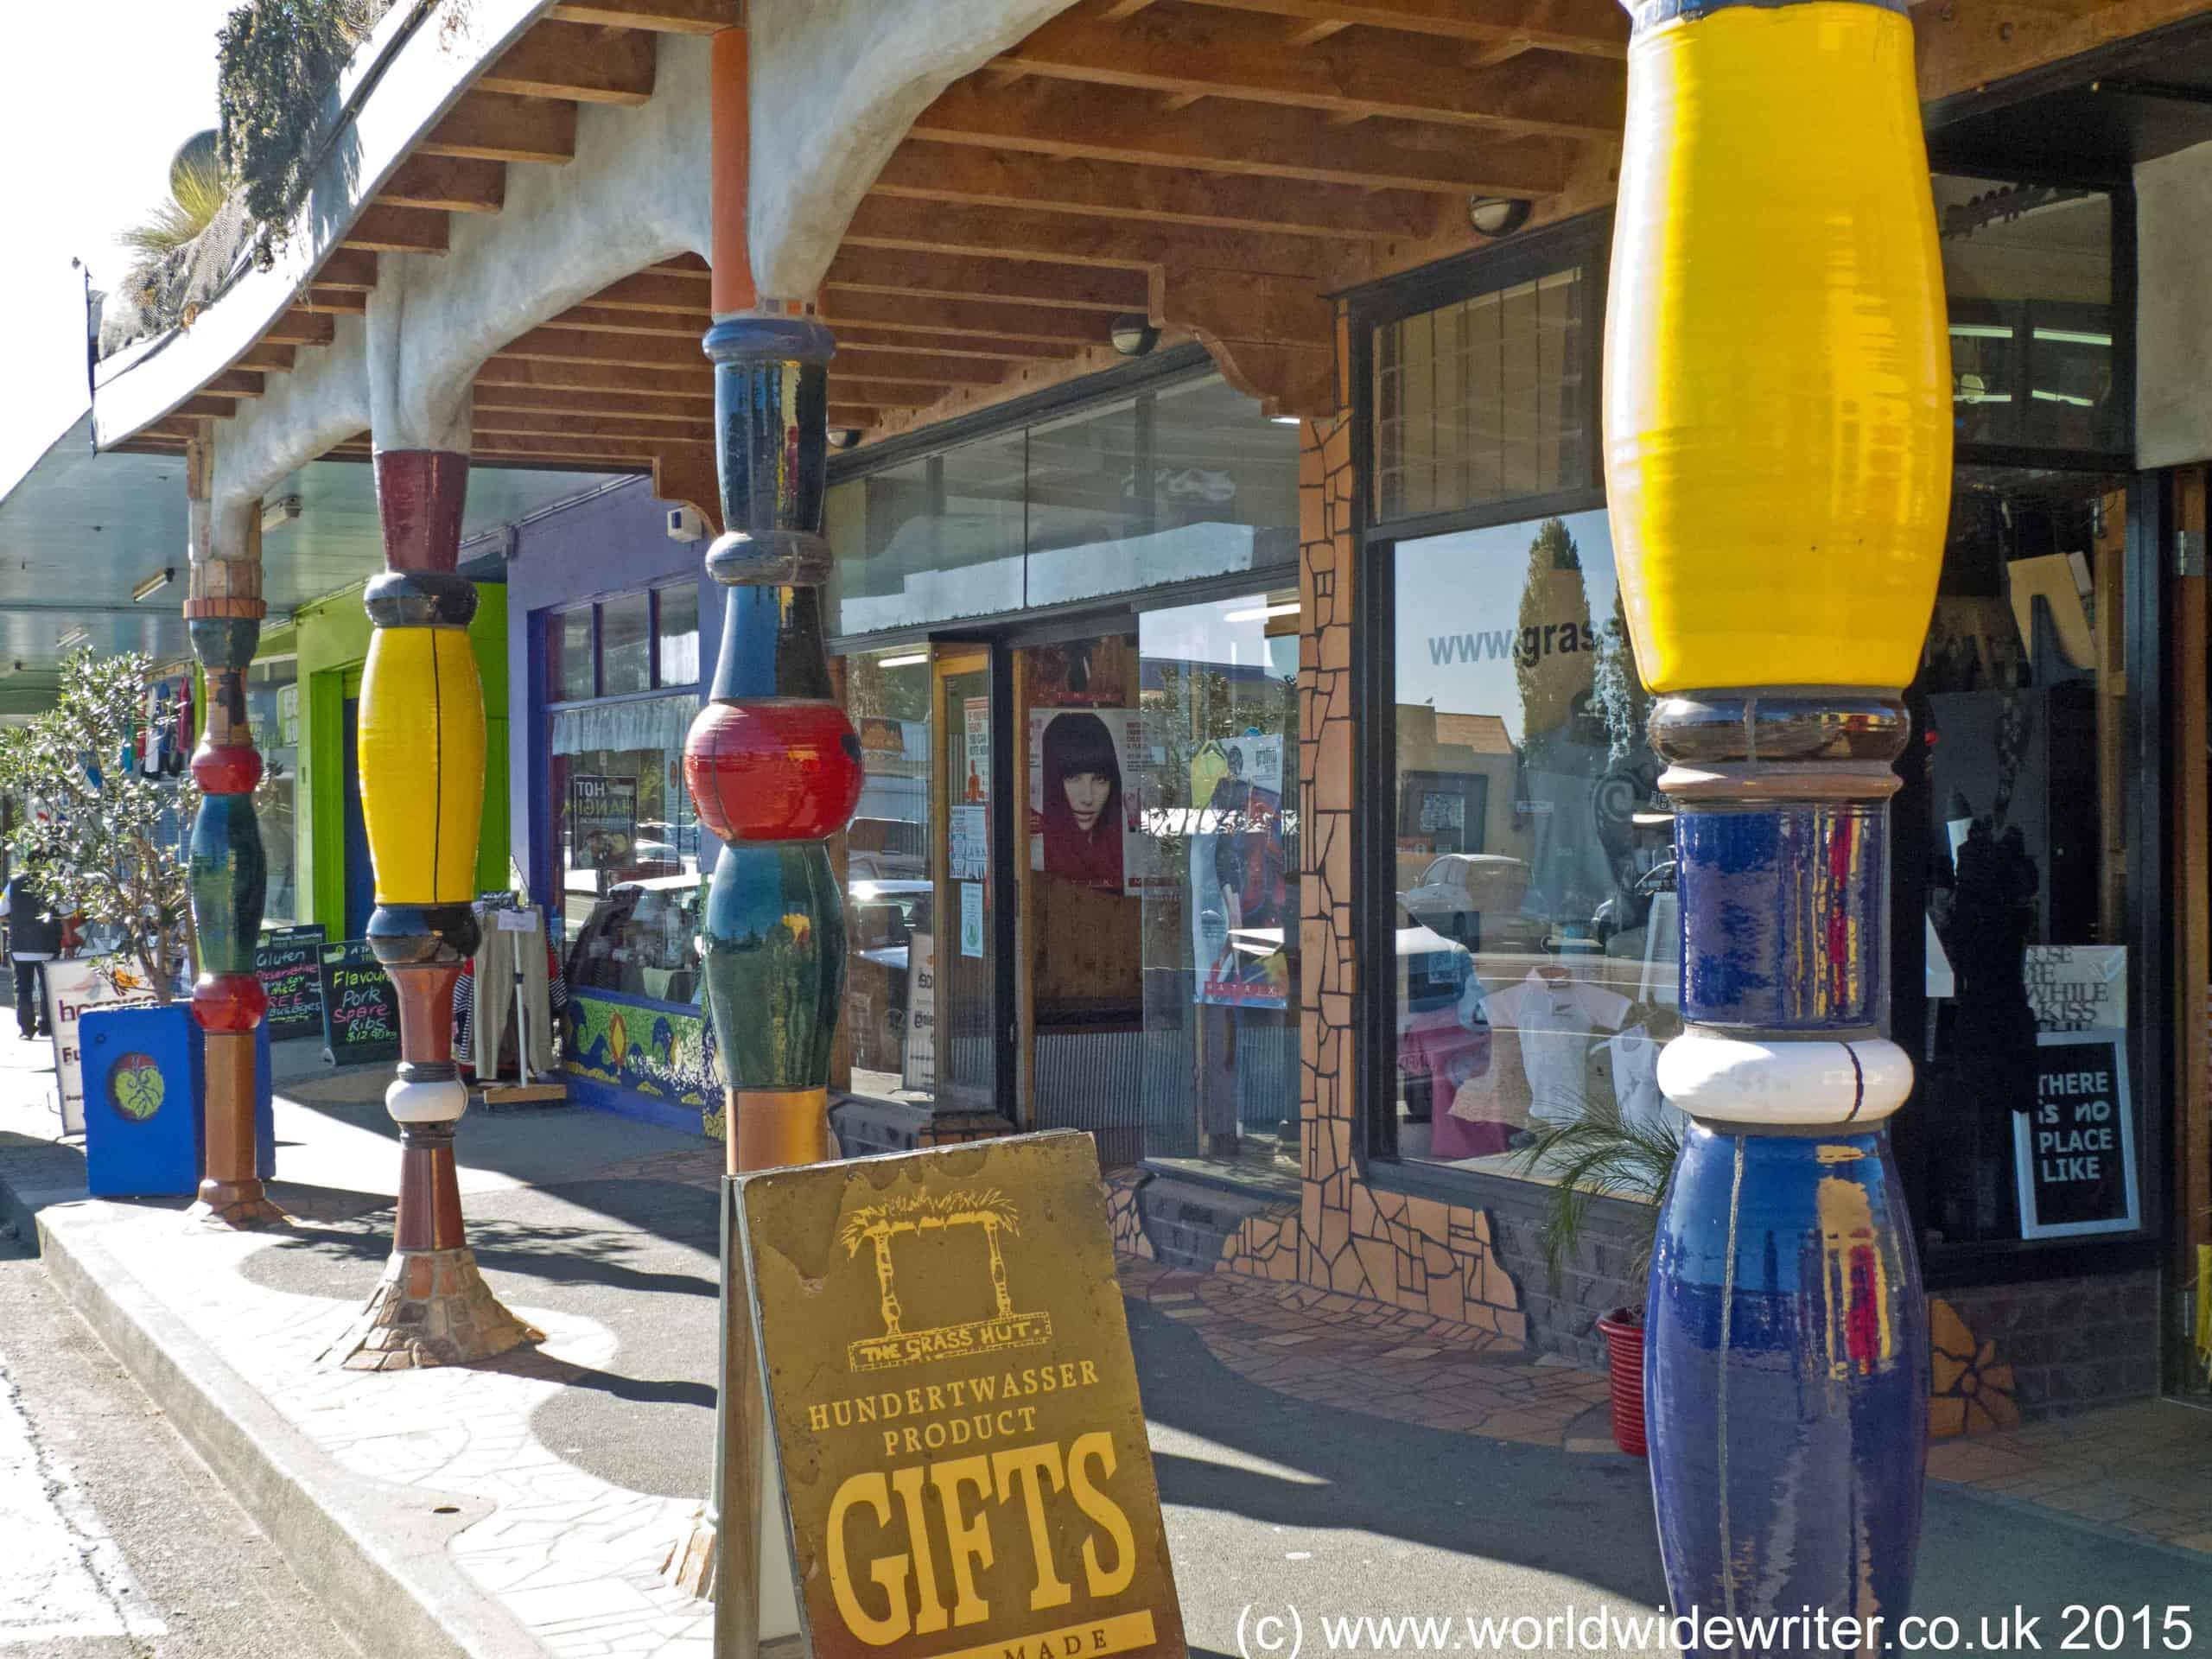 Hundertwasser Gift Shop, Kawakawa